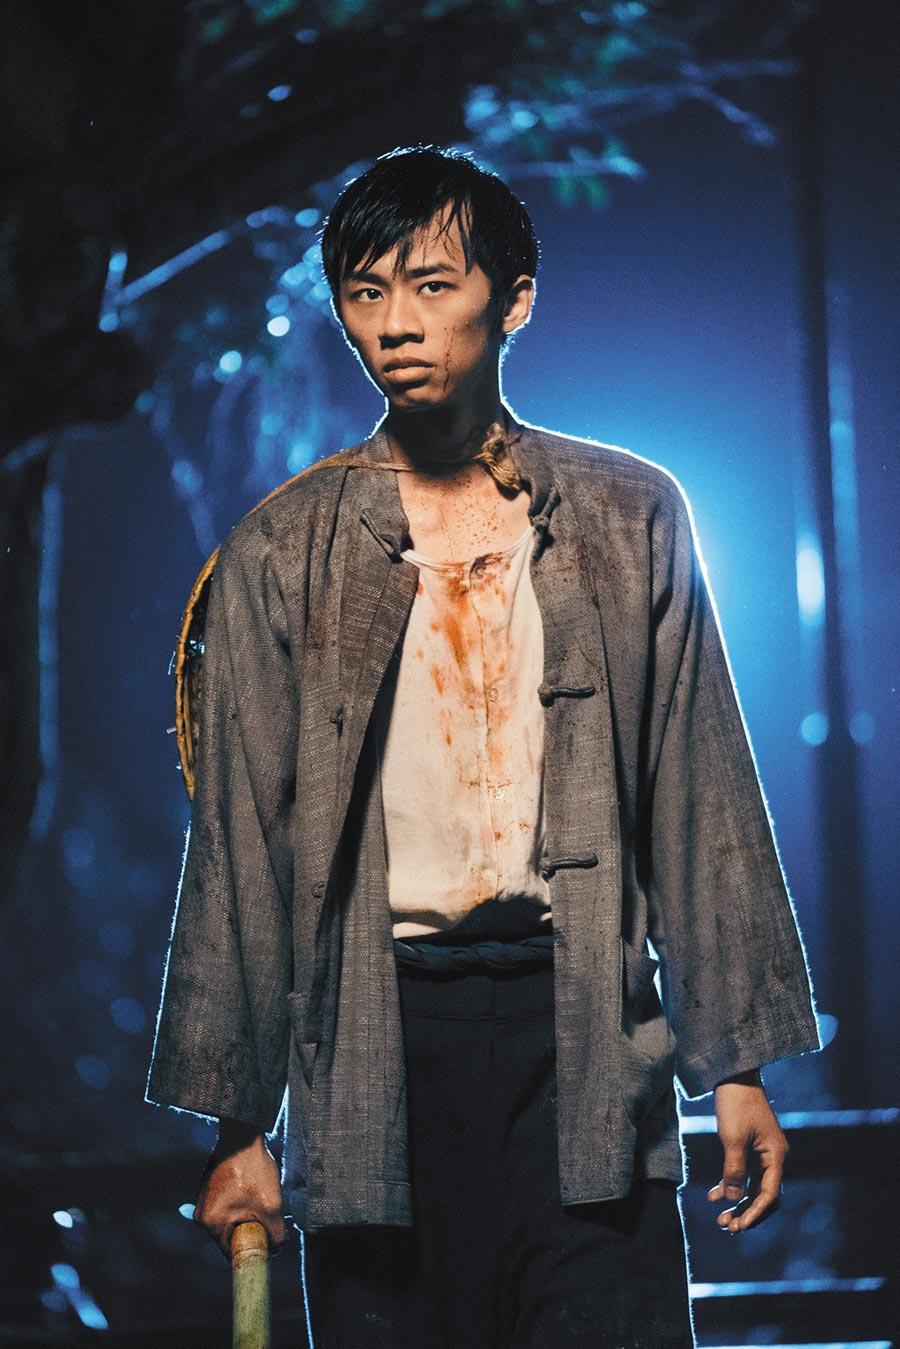 吳政迪在《日據時代的十種生存法則》有一幕殺警橋段令人震撼。